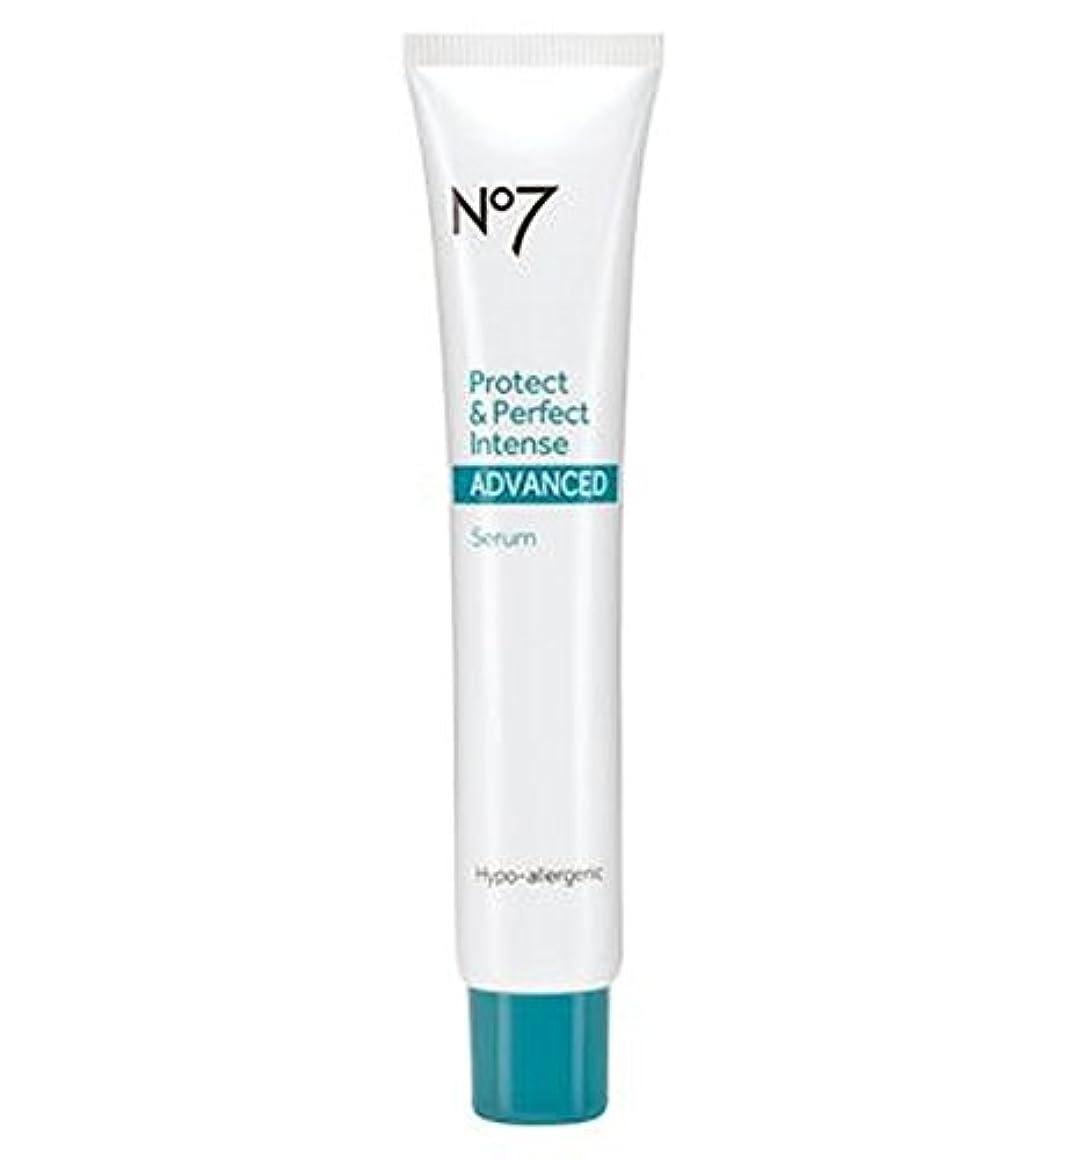 ダンス意気消沈した有害なNo7保護し、完璧な強烈な高度な血清50ミリリットル (No7) (x2) - No7 Protect and Perfect Intense ADVANCED serum 50ml (Pack of 2) [並行輸入品]